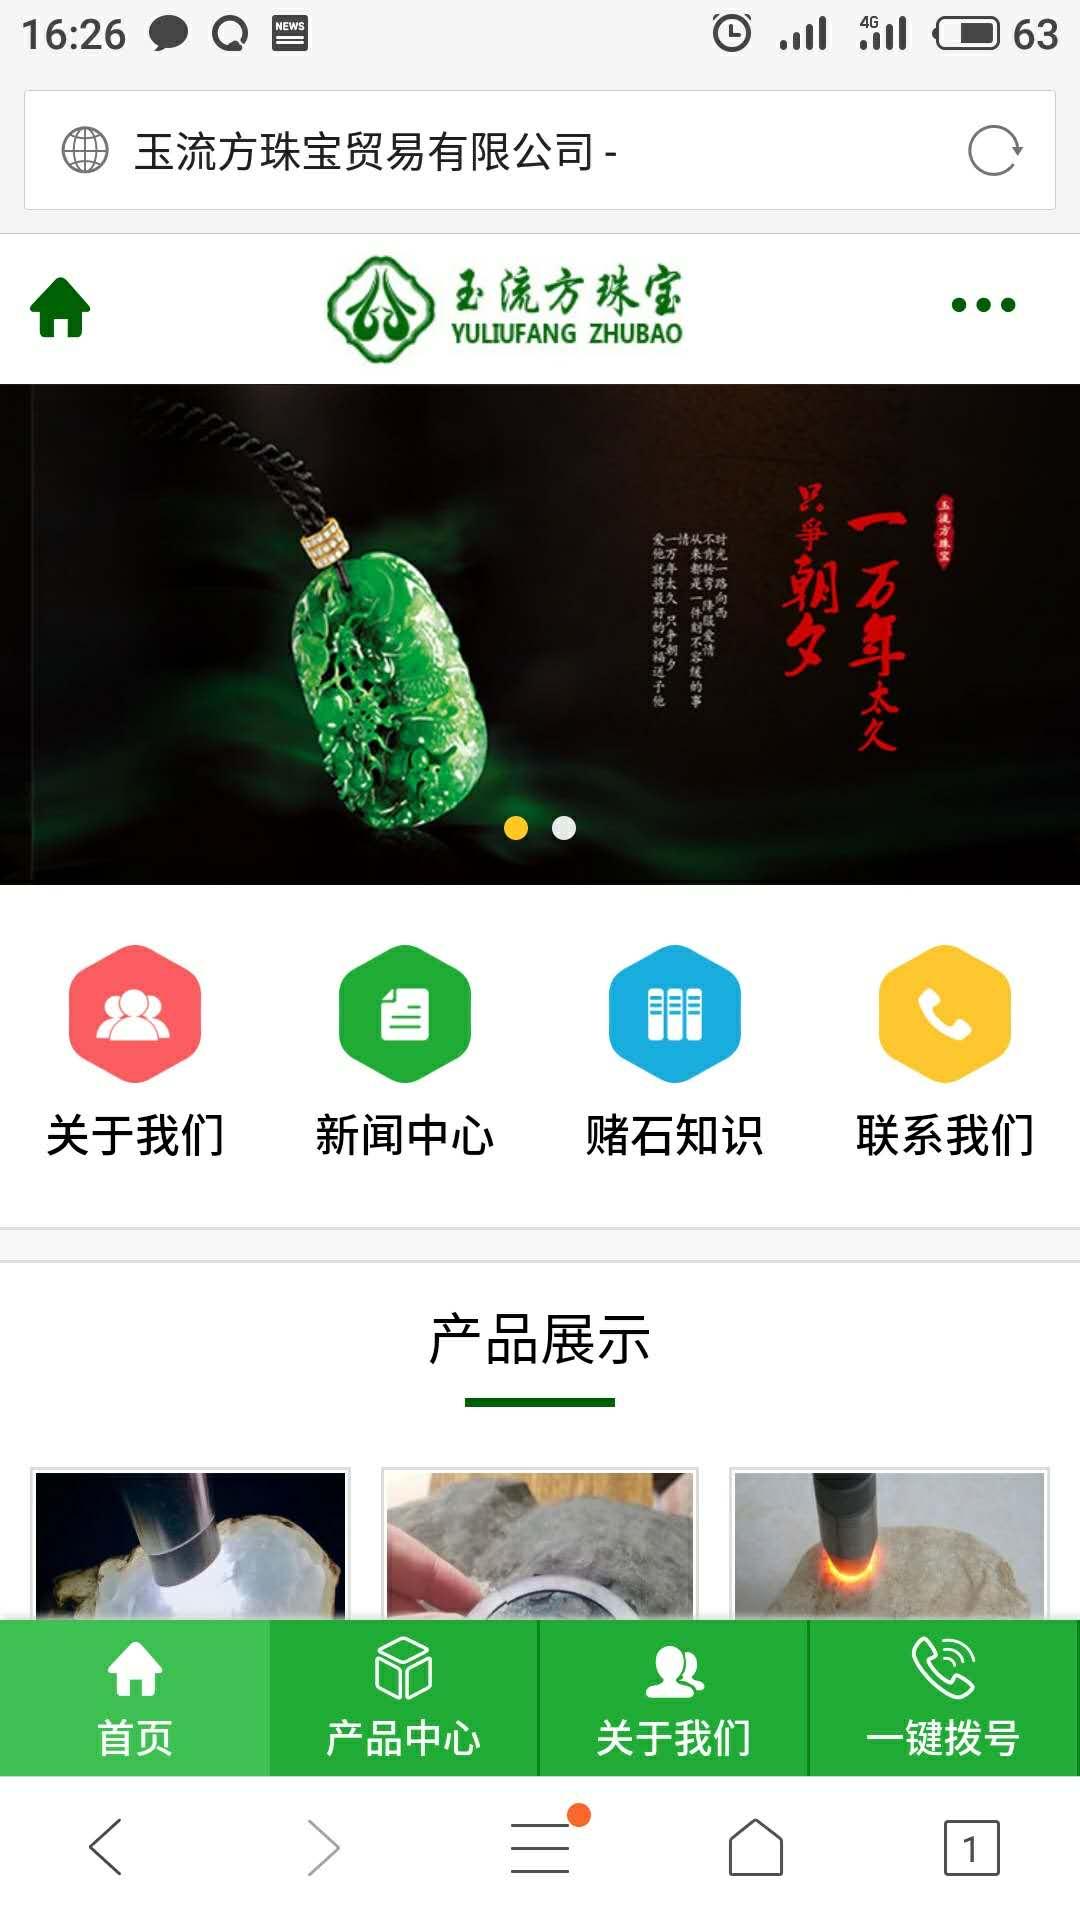 南昌网页设计开发多少钱_南昌做个一般的网站多少钱